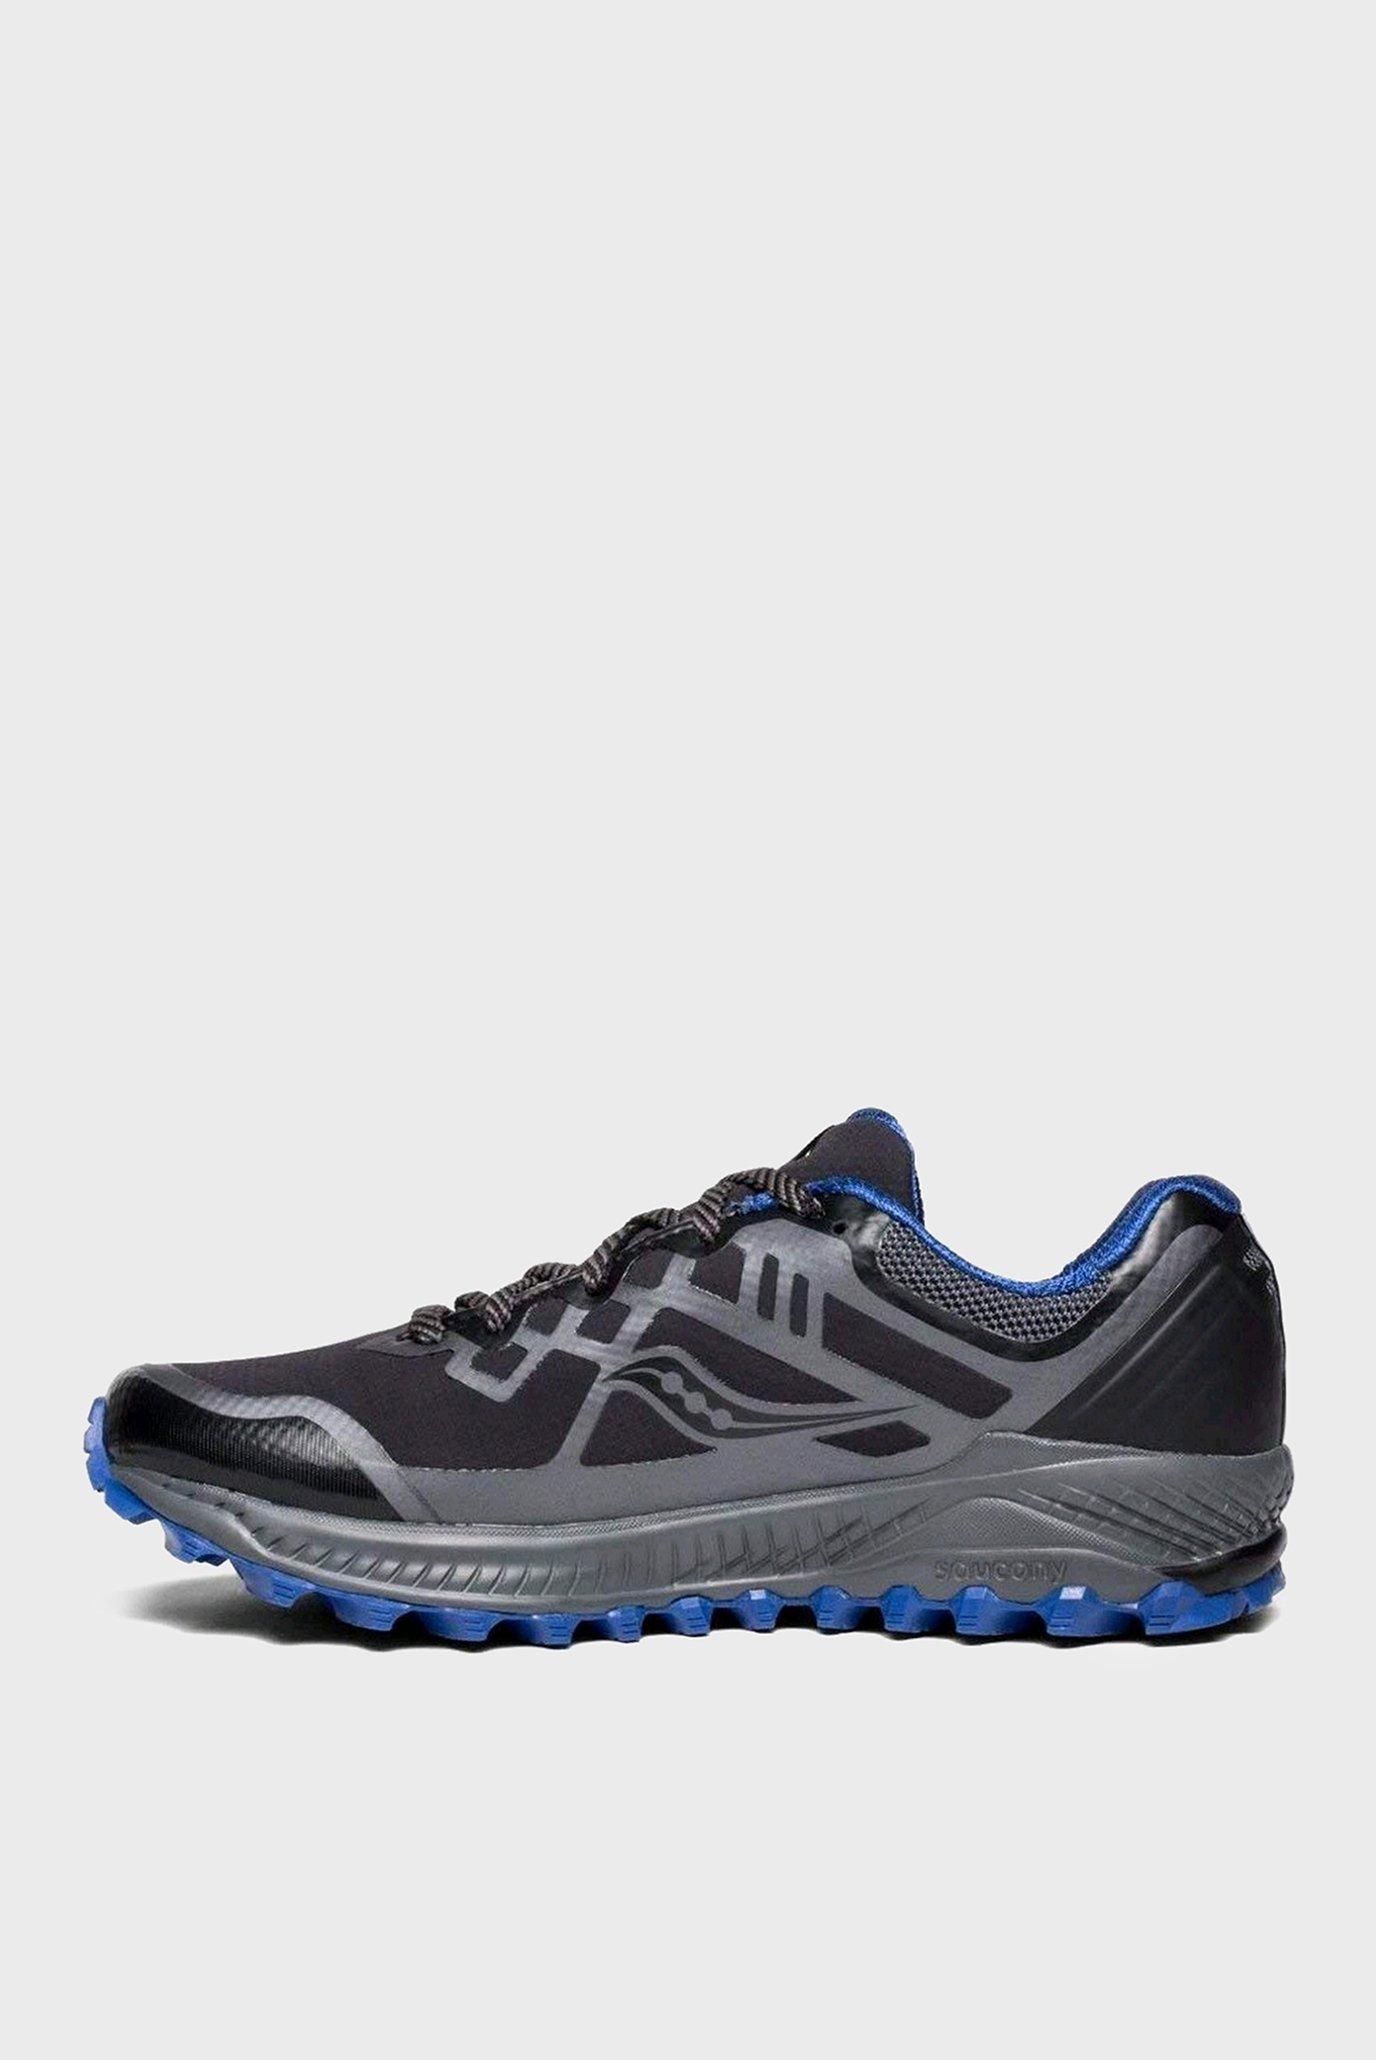 Купить Мужские черные кроссовки PEREGRINE 8 GTX Saucony Saucony 20454-1s – Киев, Украина. Цены в интернет магазине MD Fashion